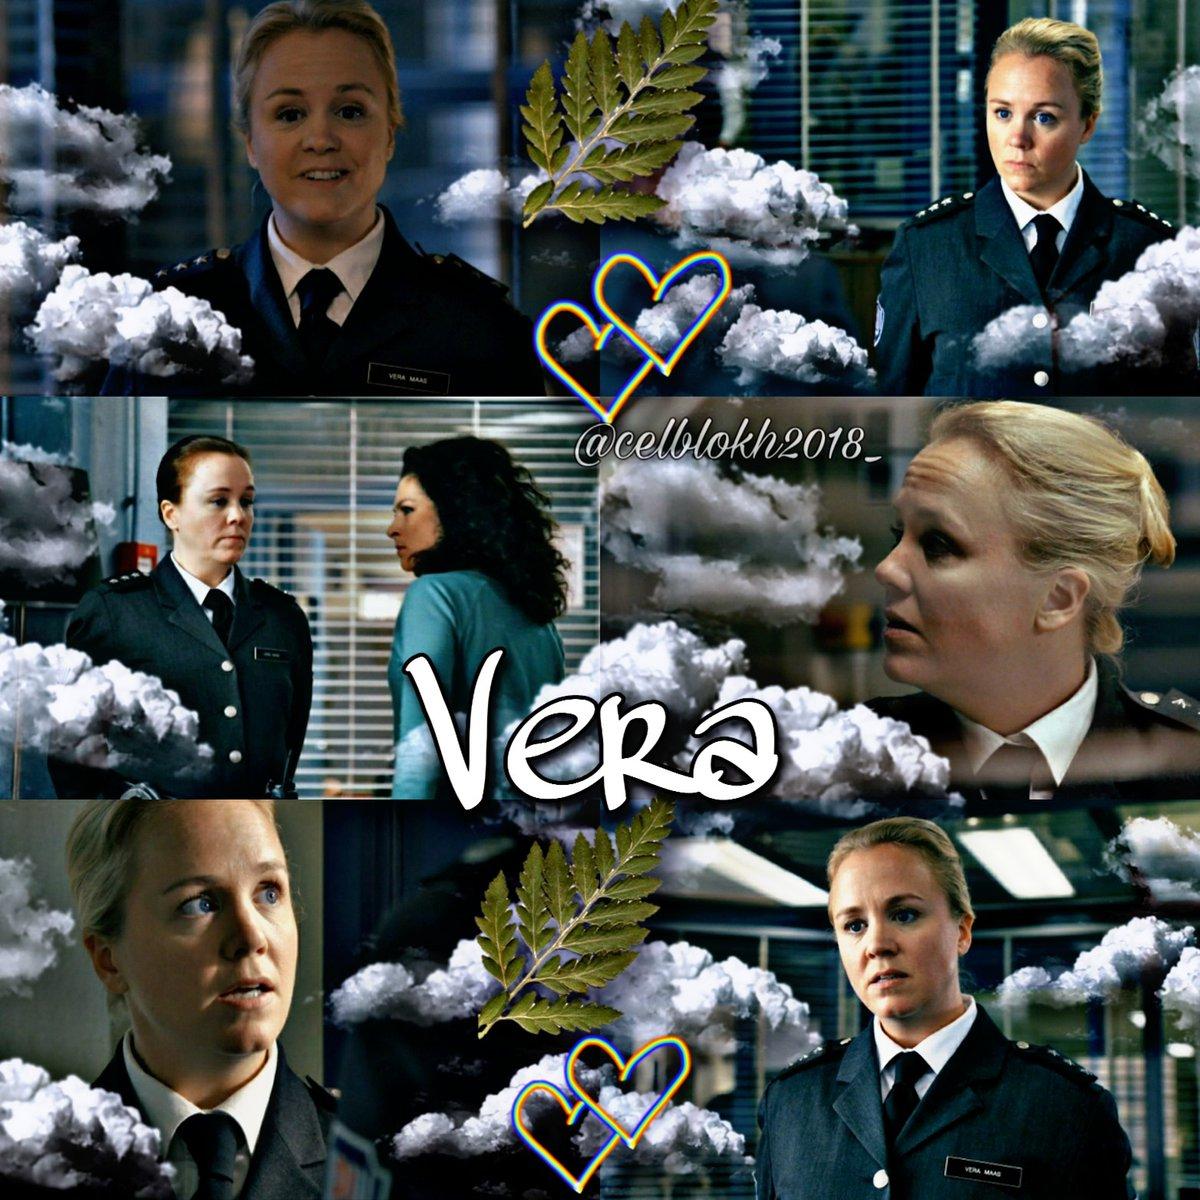 Ik heb dit keer een edit van Vera Maas  gemaakt uit celblok H! De rol word gespeelt door Eva Poppink. Wat vinden jullie van de edit?#celblokh #veramaas #evapoppink #neweditpic.twitter.com/mKkBB5tqjF